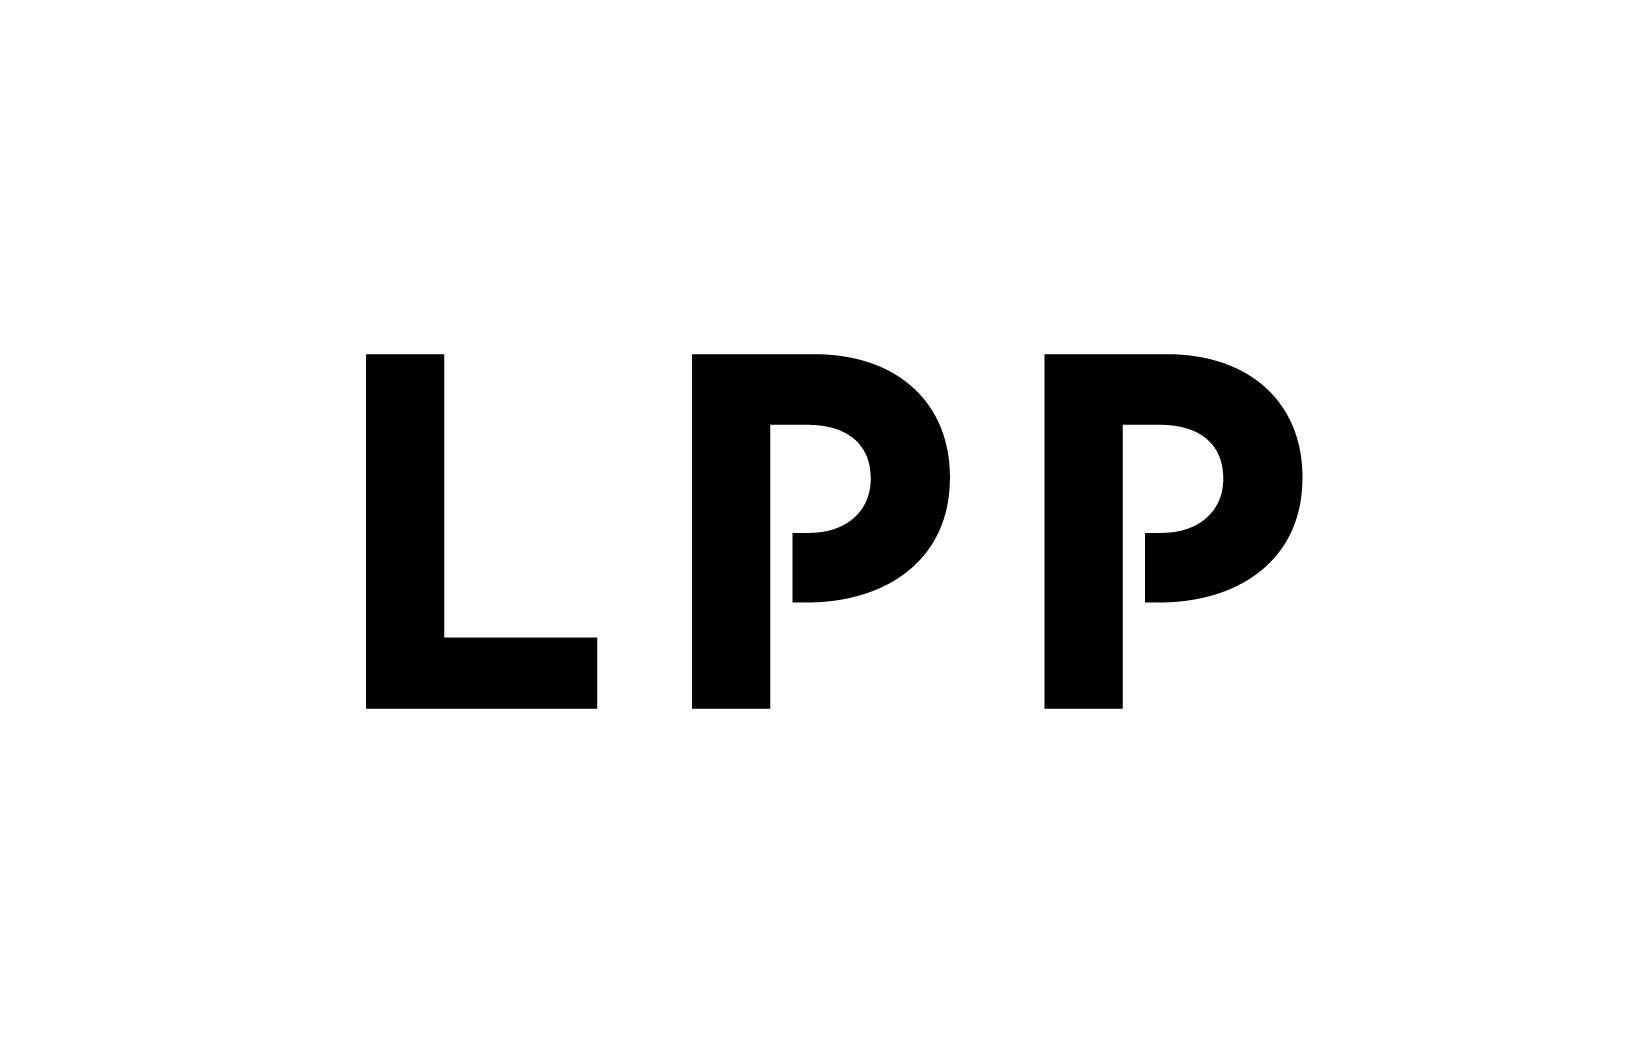 Logo of LPP stawia na zrównoważone rozwiązania